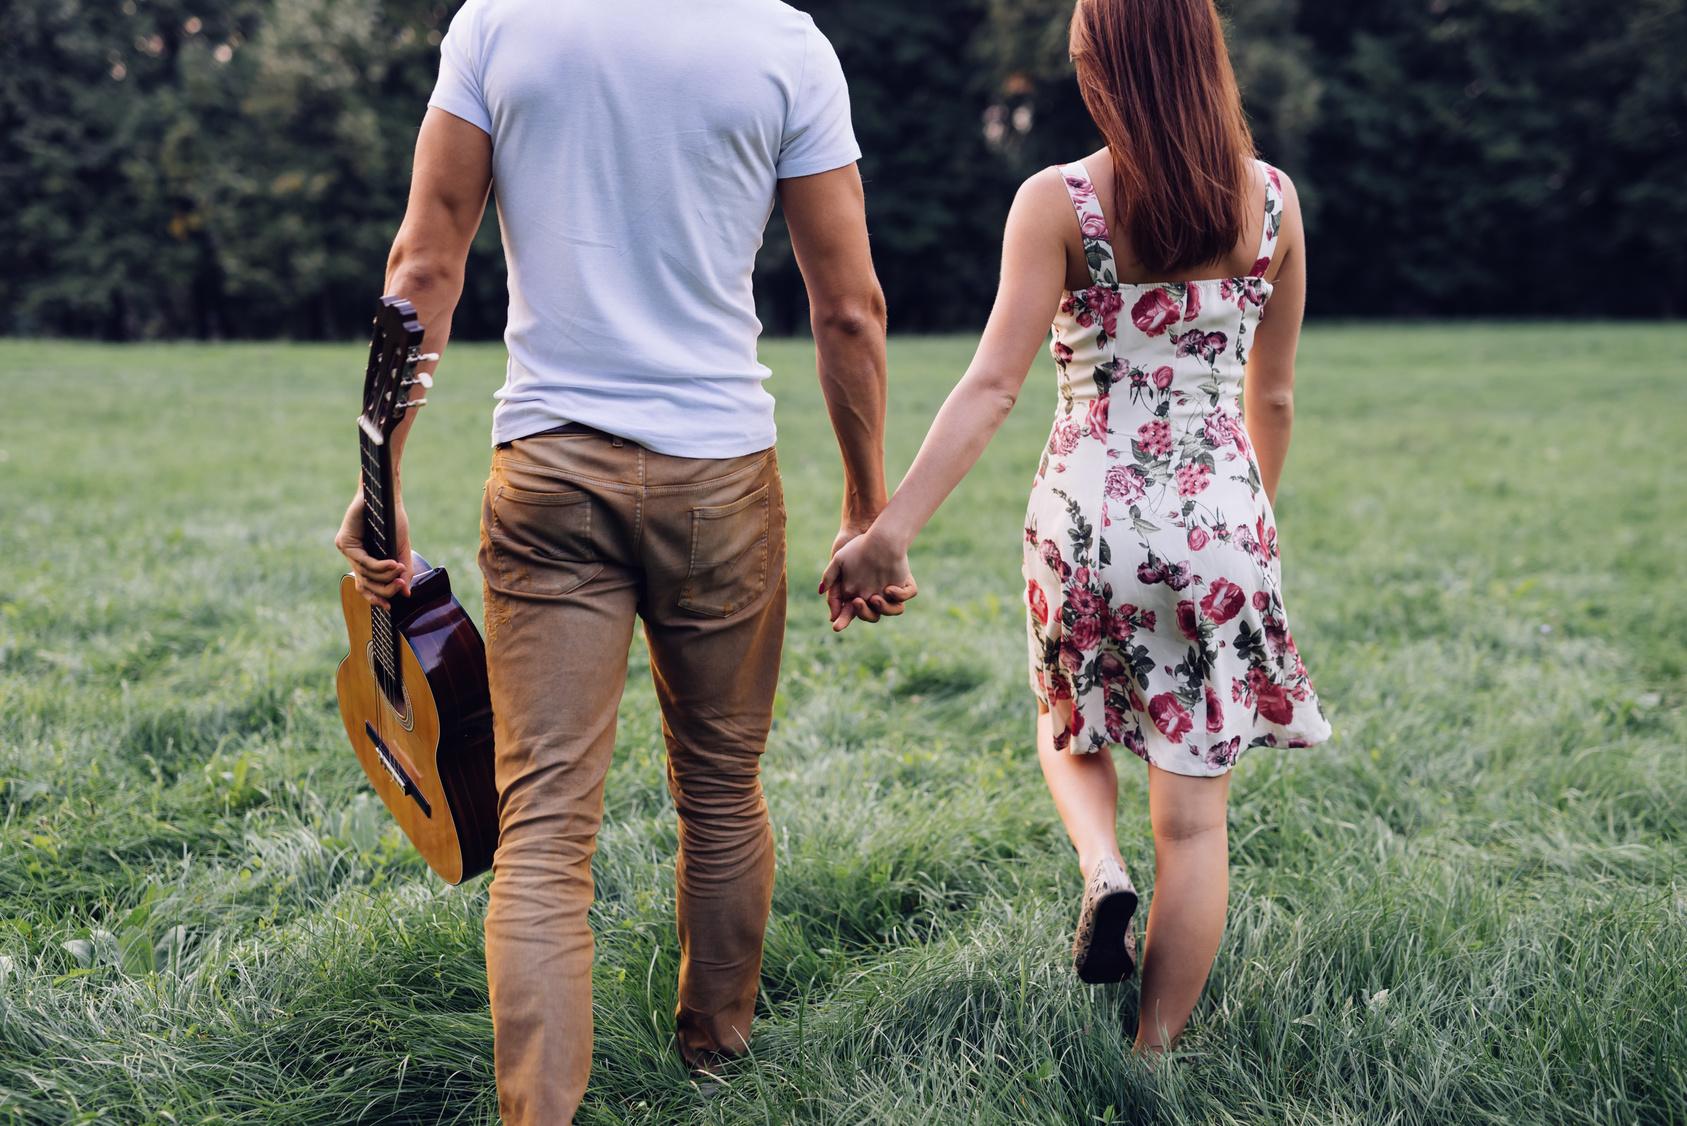 Mein Partner Ist Eifersüchtig – Was Kann Ich Tun?